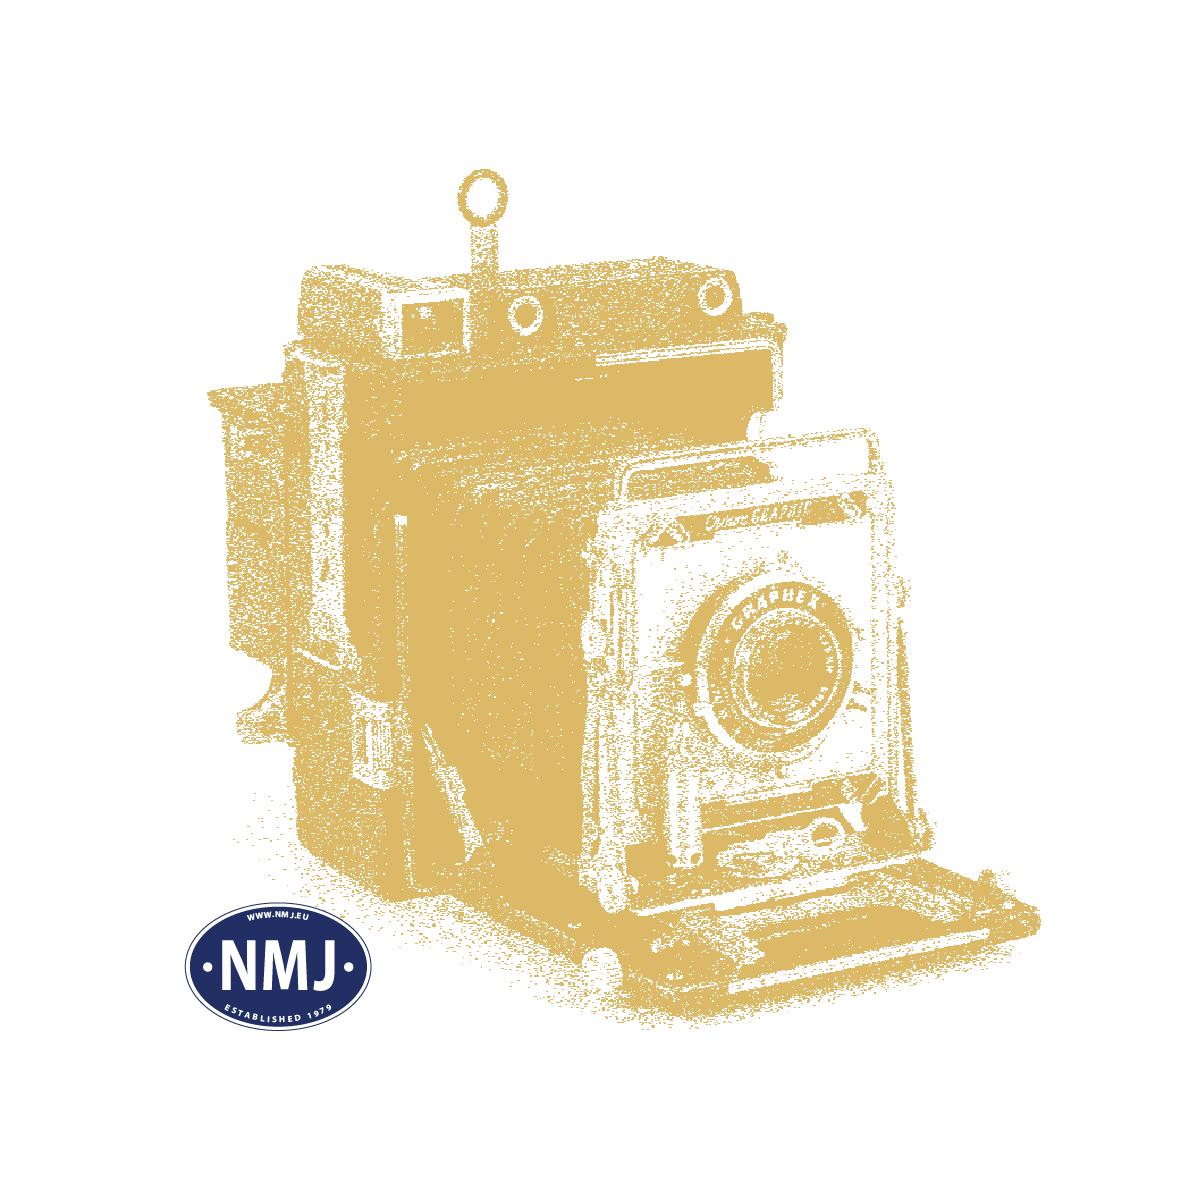 NOC16450 - Triumph Bonneville T100